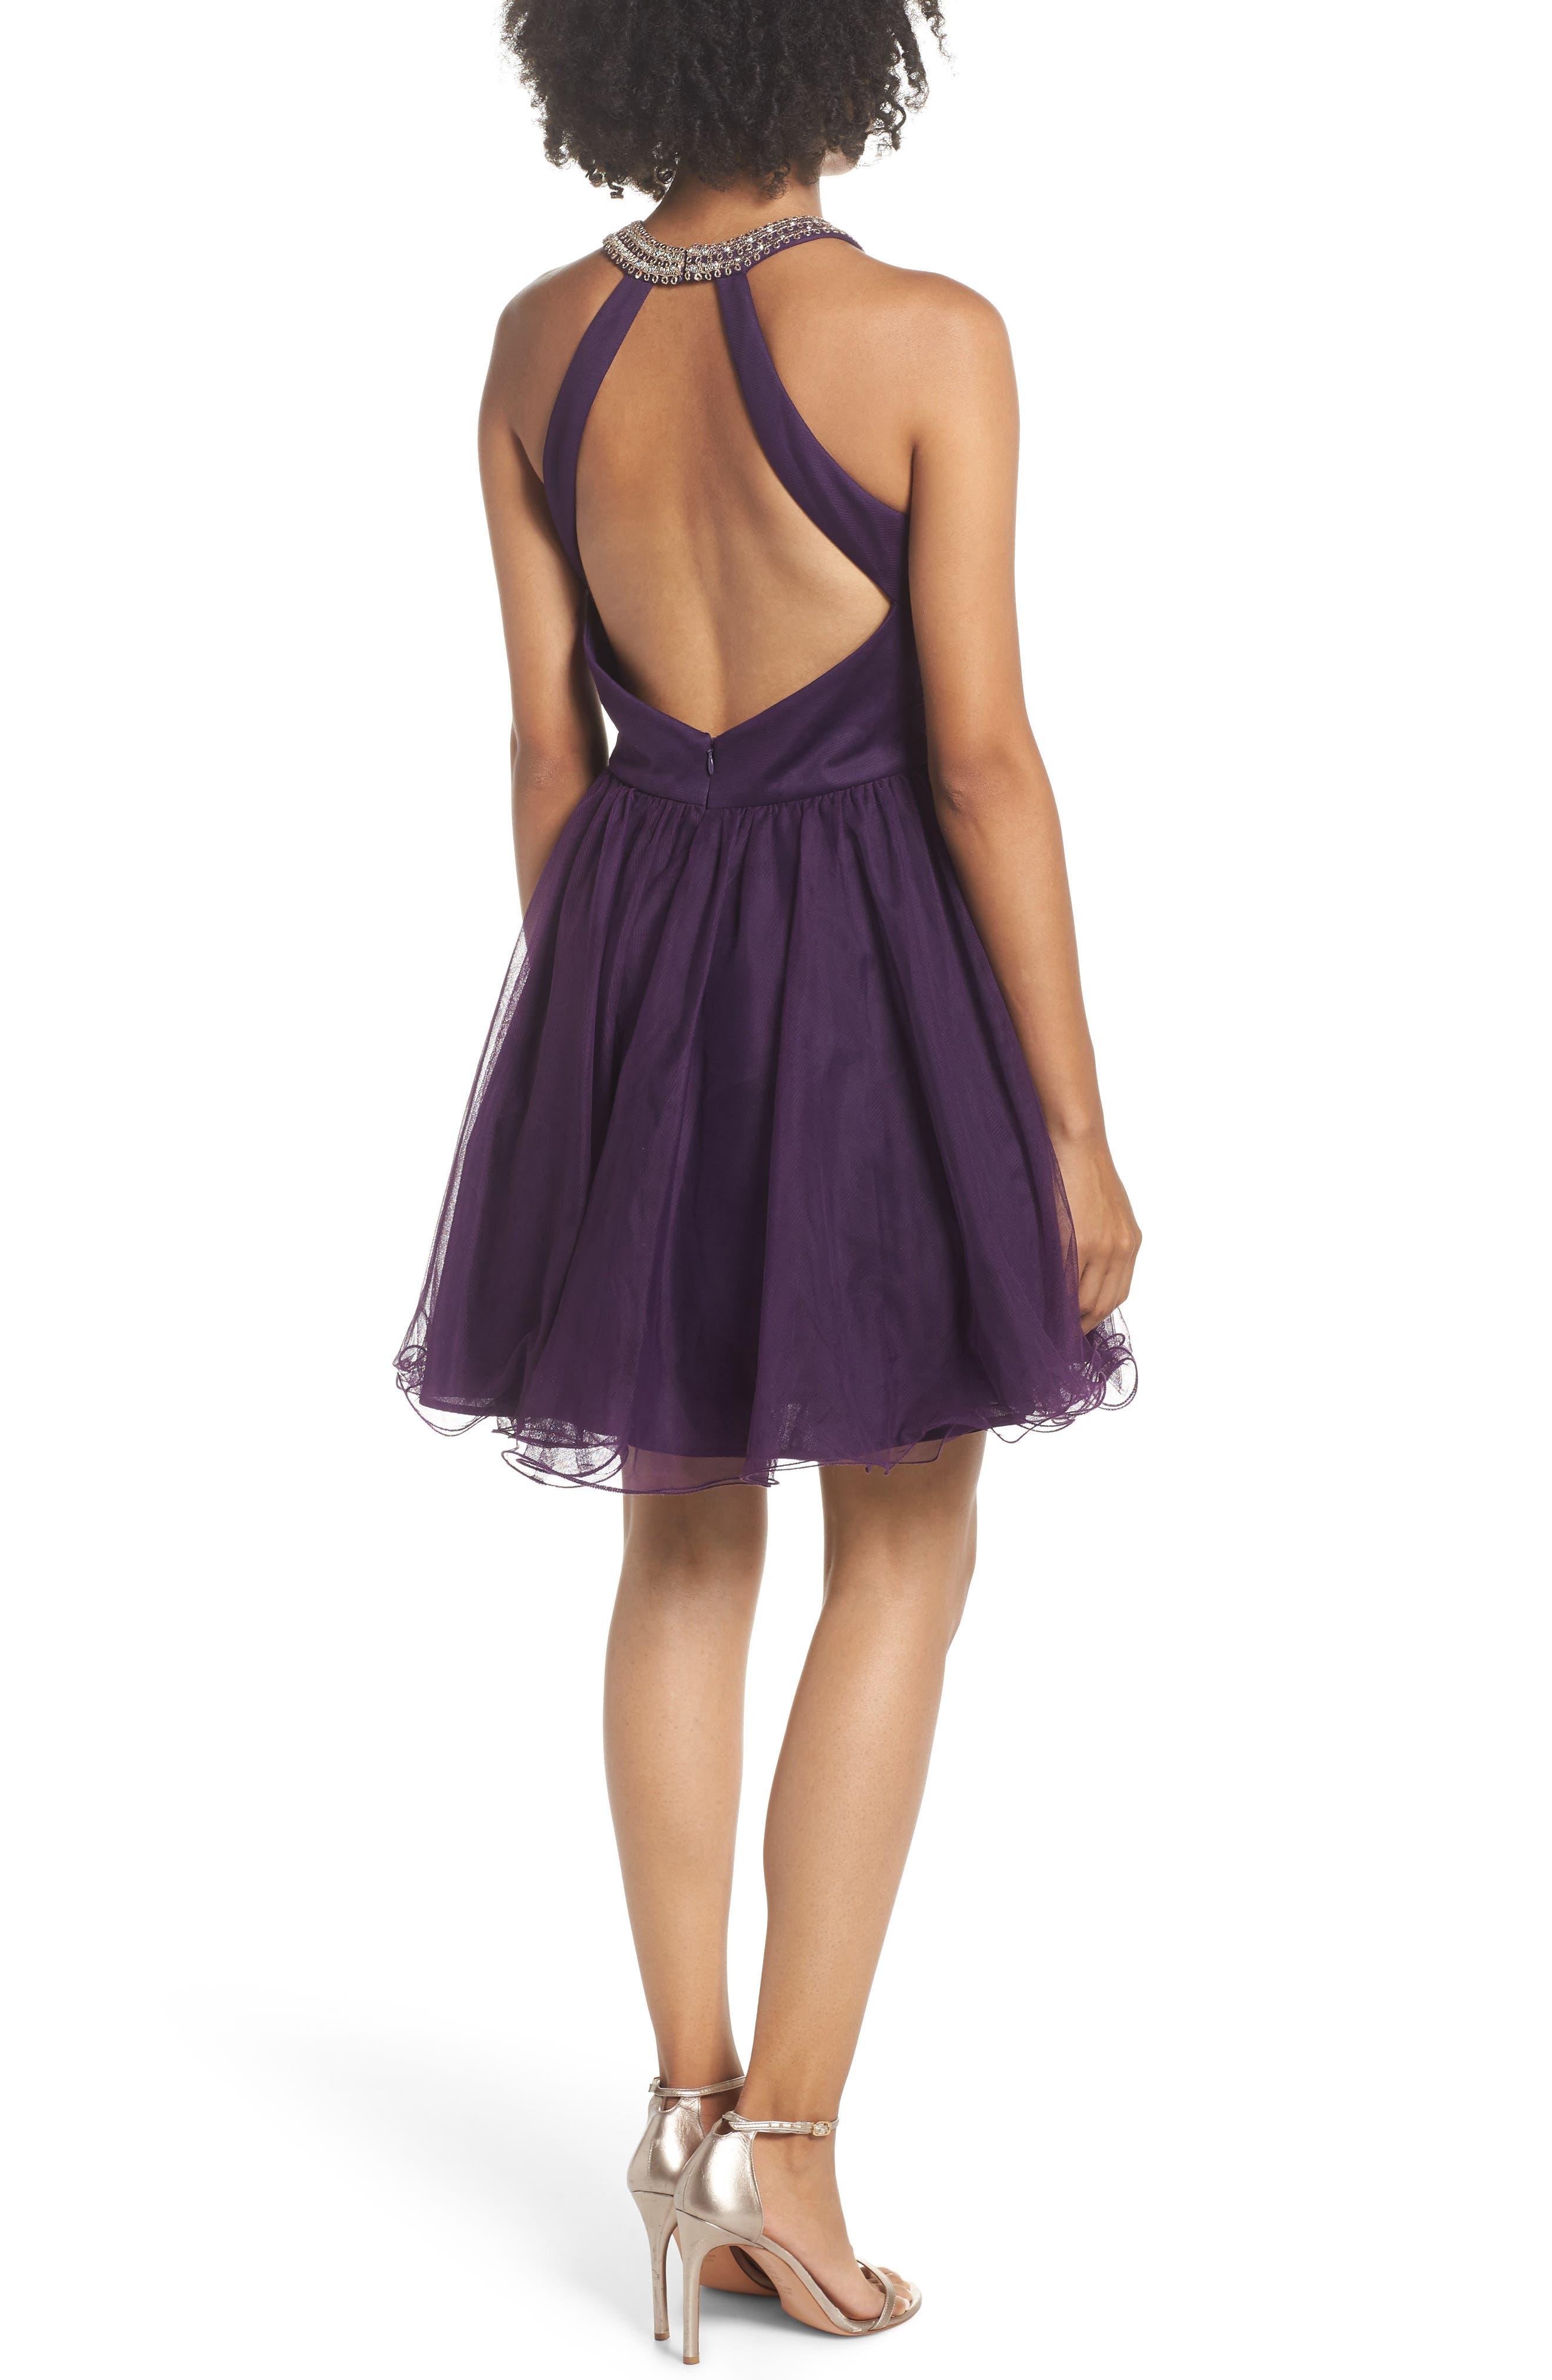 BLONDIE NITES,                             High Neck Appliqué Fit & Flare Dress,                             Alternate thumbnail 2, color,                             522